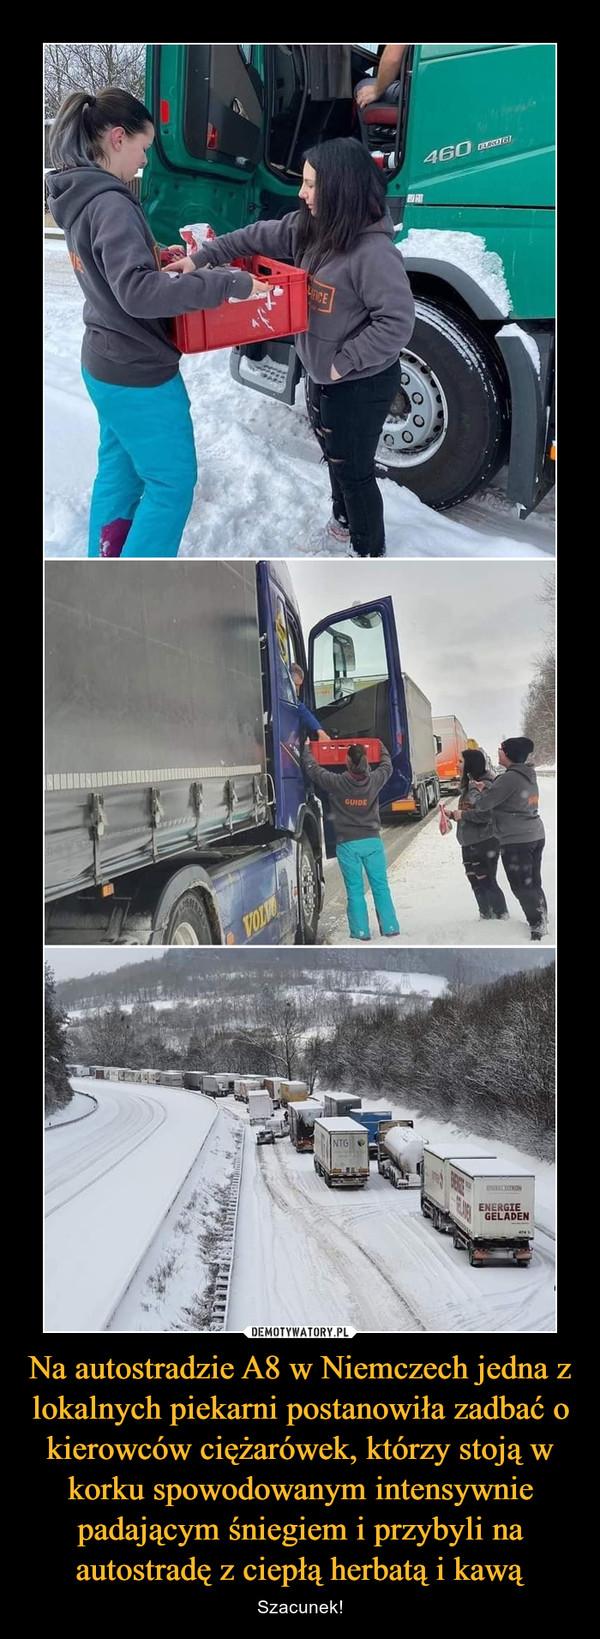 Na autostradzie A8 w Niemczech jedna z lokalnych piekarni postanowiła zadbać o kierowców ciężarówek, którzy stoją w korku spowodowanym intensywnie padającym śniegiem i przybyli na autostradę z ciepłą herbatą i kawą – Szacunek!